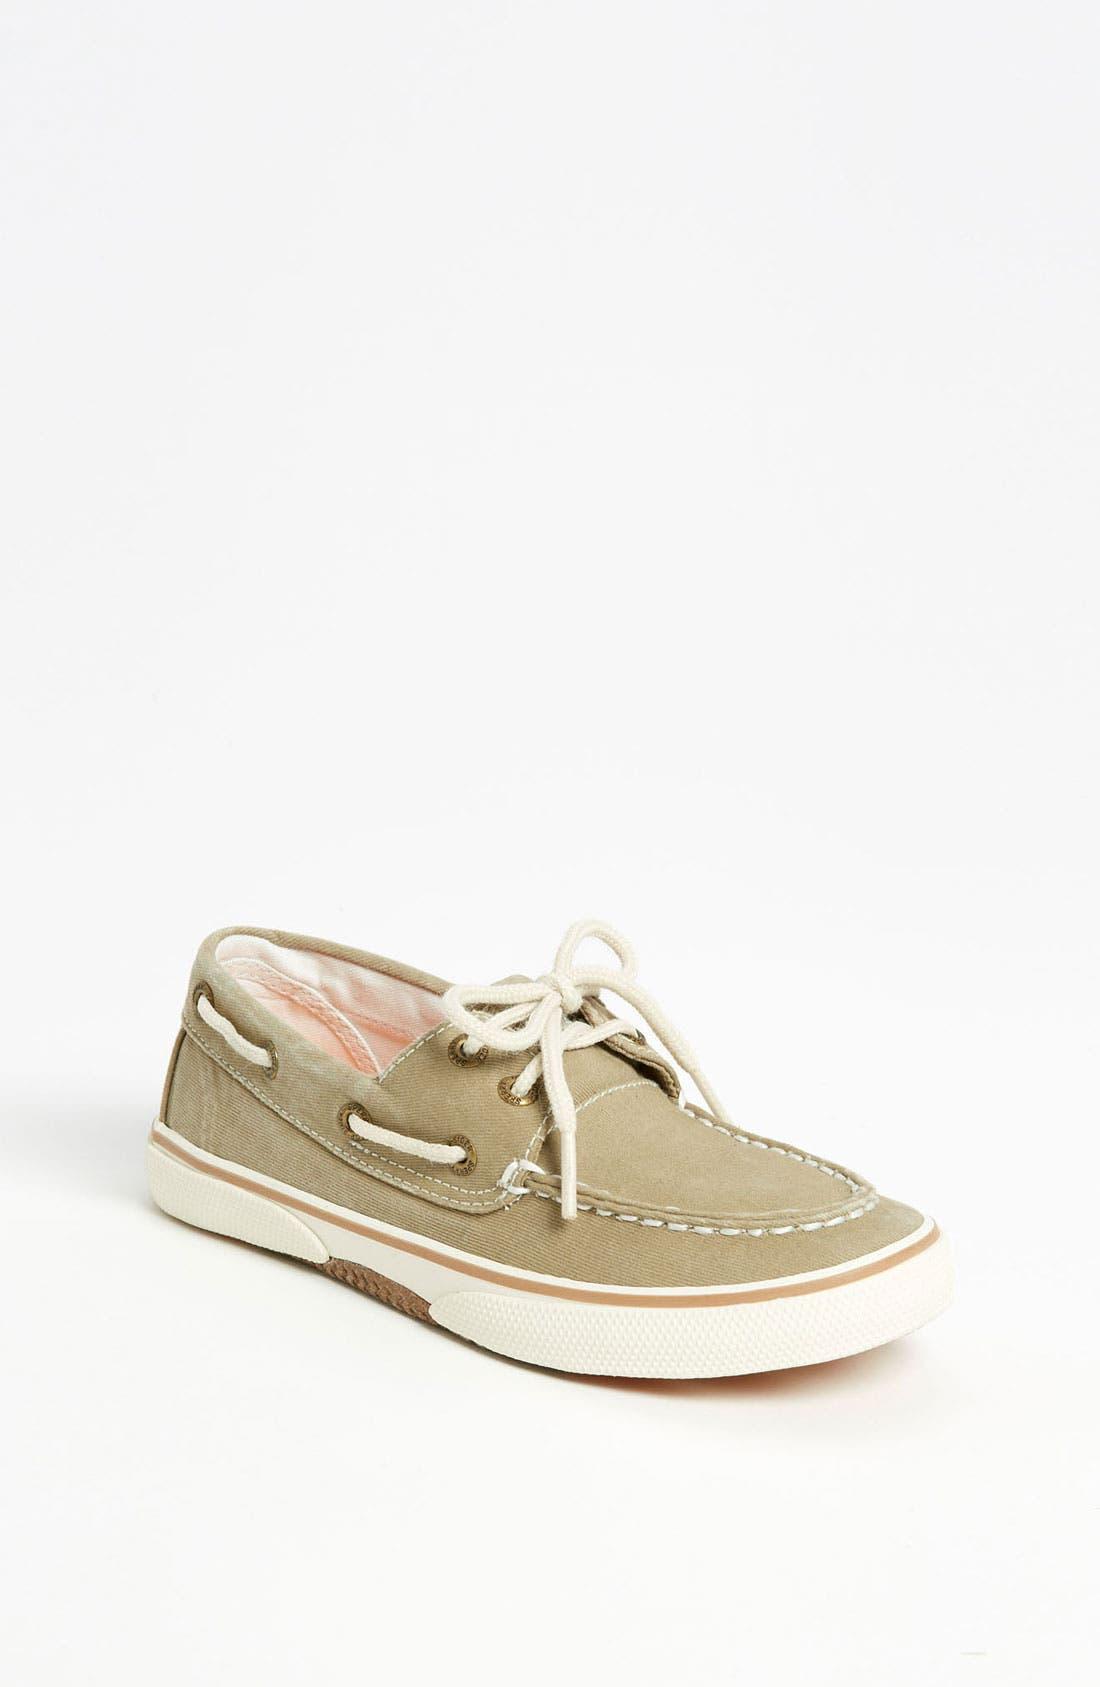 Main Image - Sperry Top-Sider® Kids 'Halyard' Boat Shoe (Walker, Toddler, Little Kid & Big Kid)